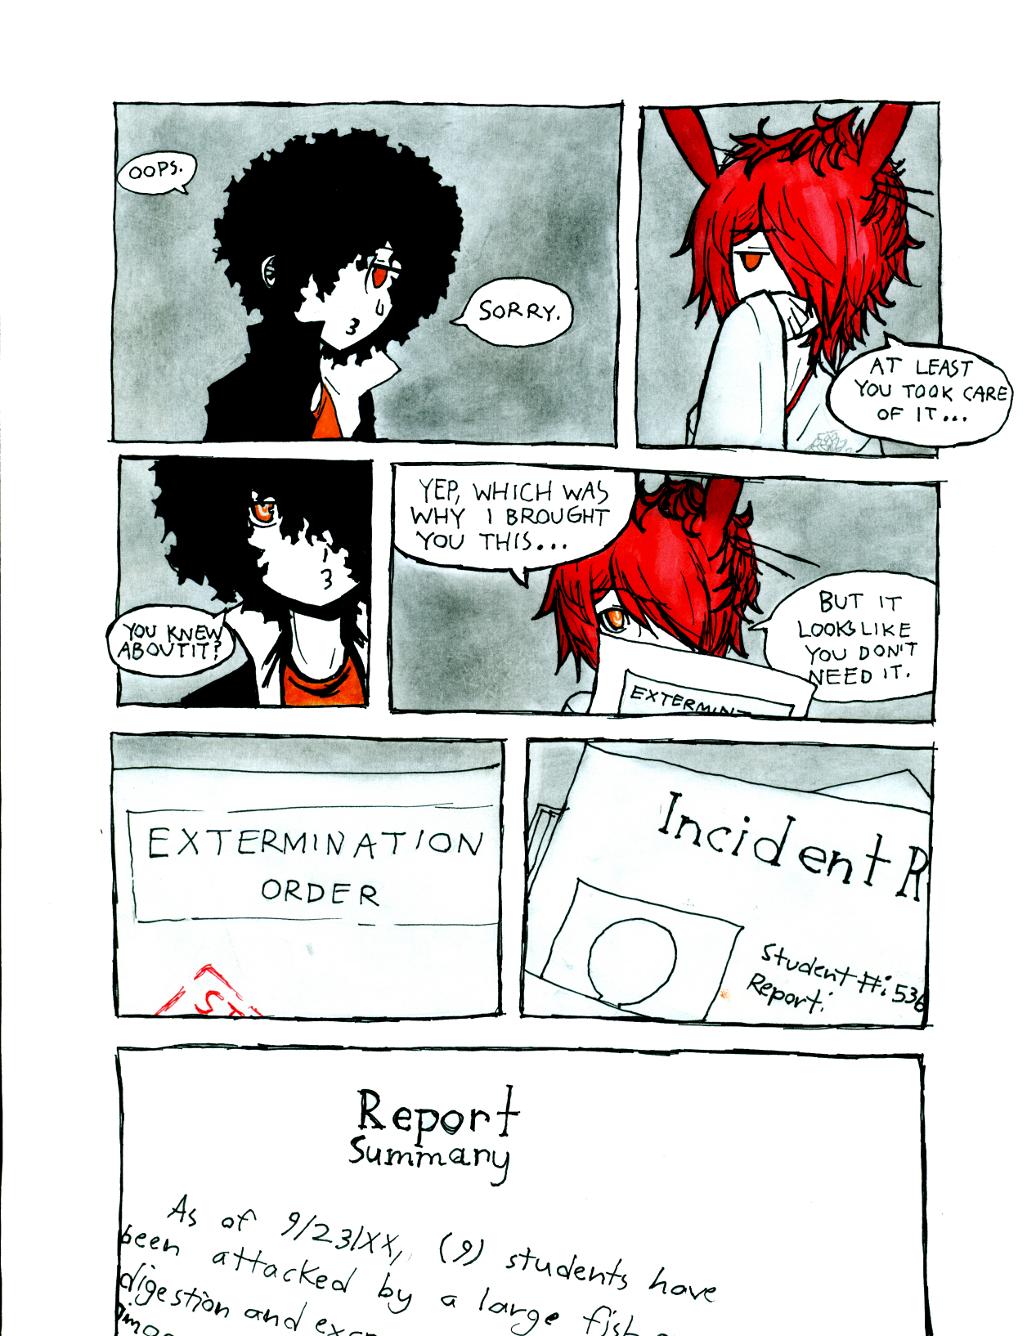 EP 1: pg 041